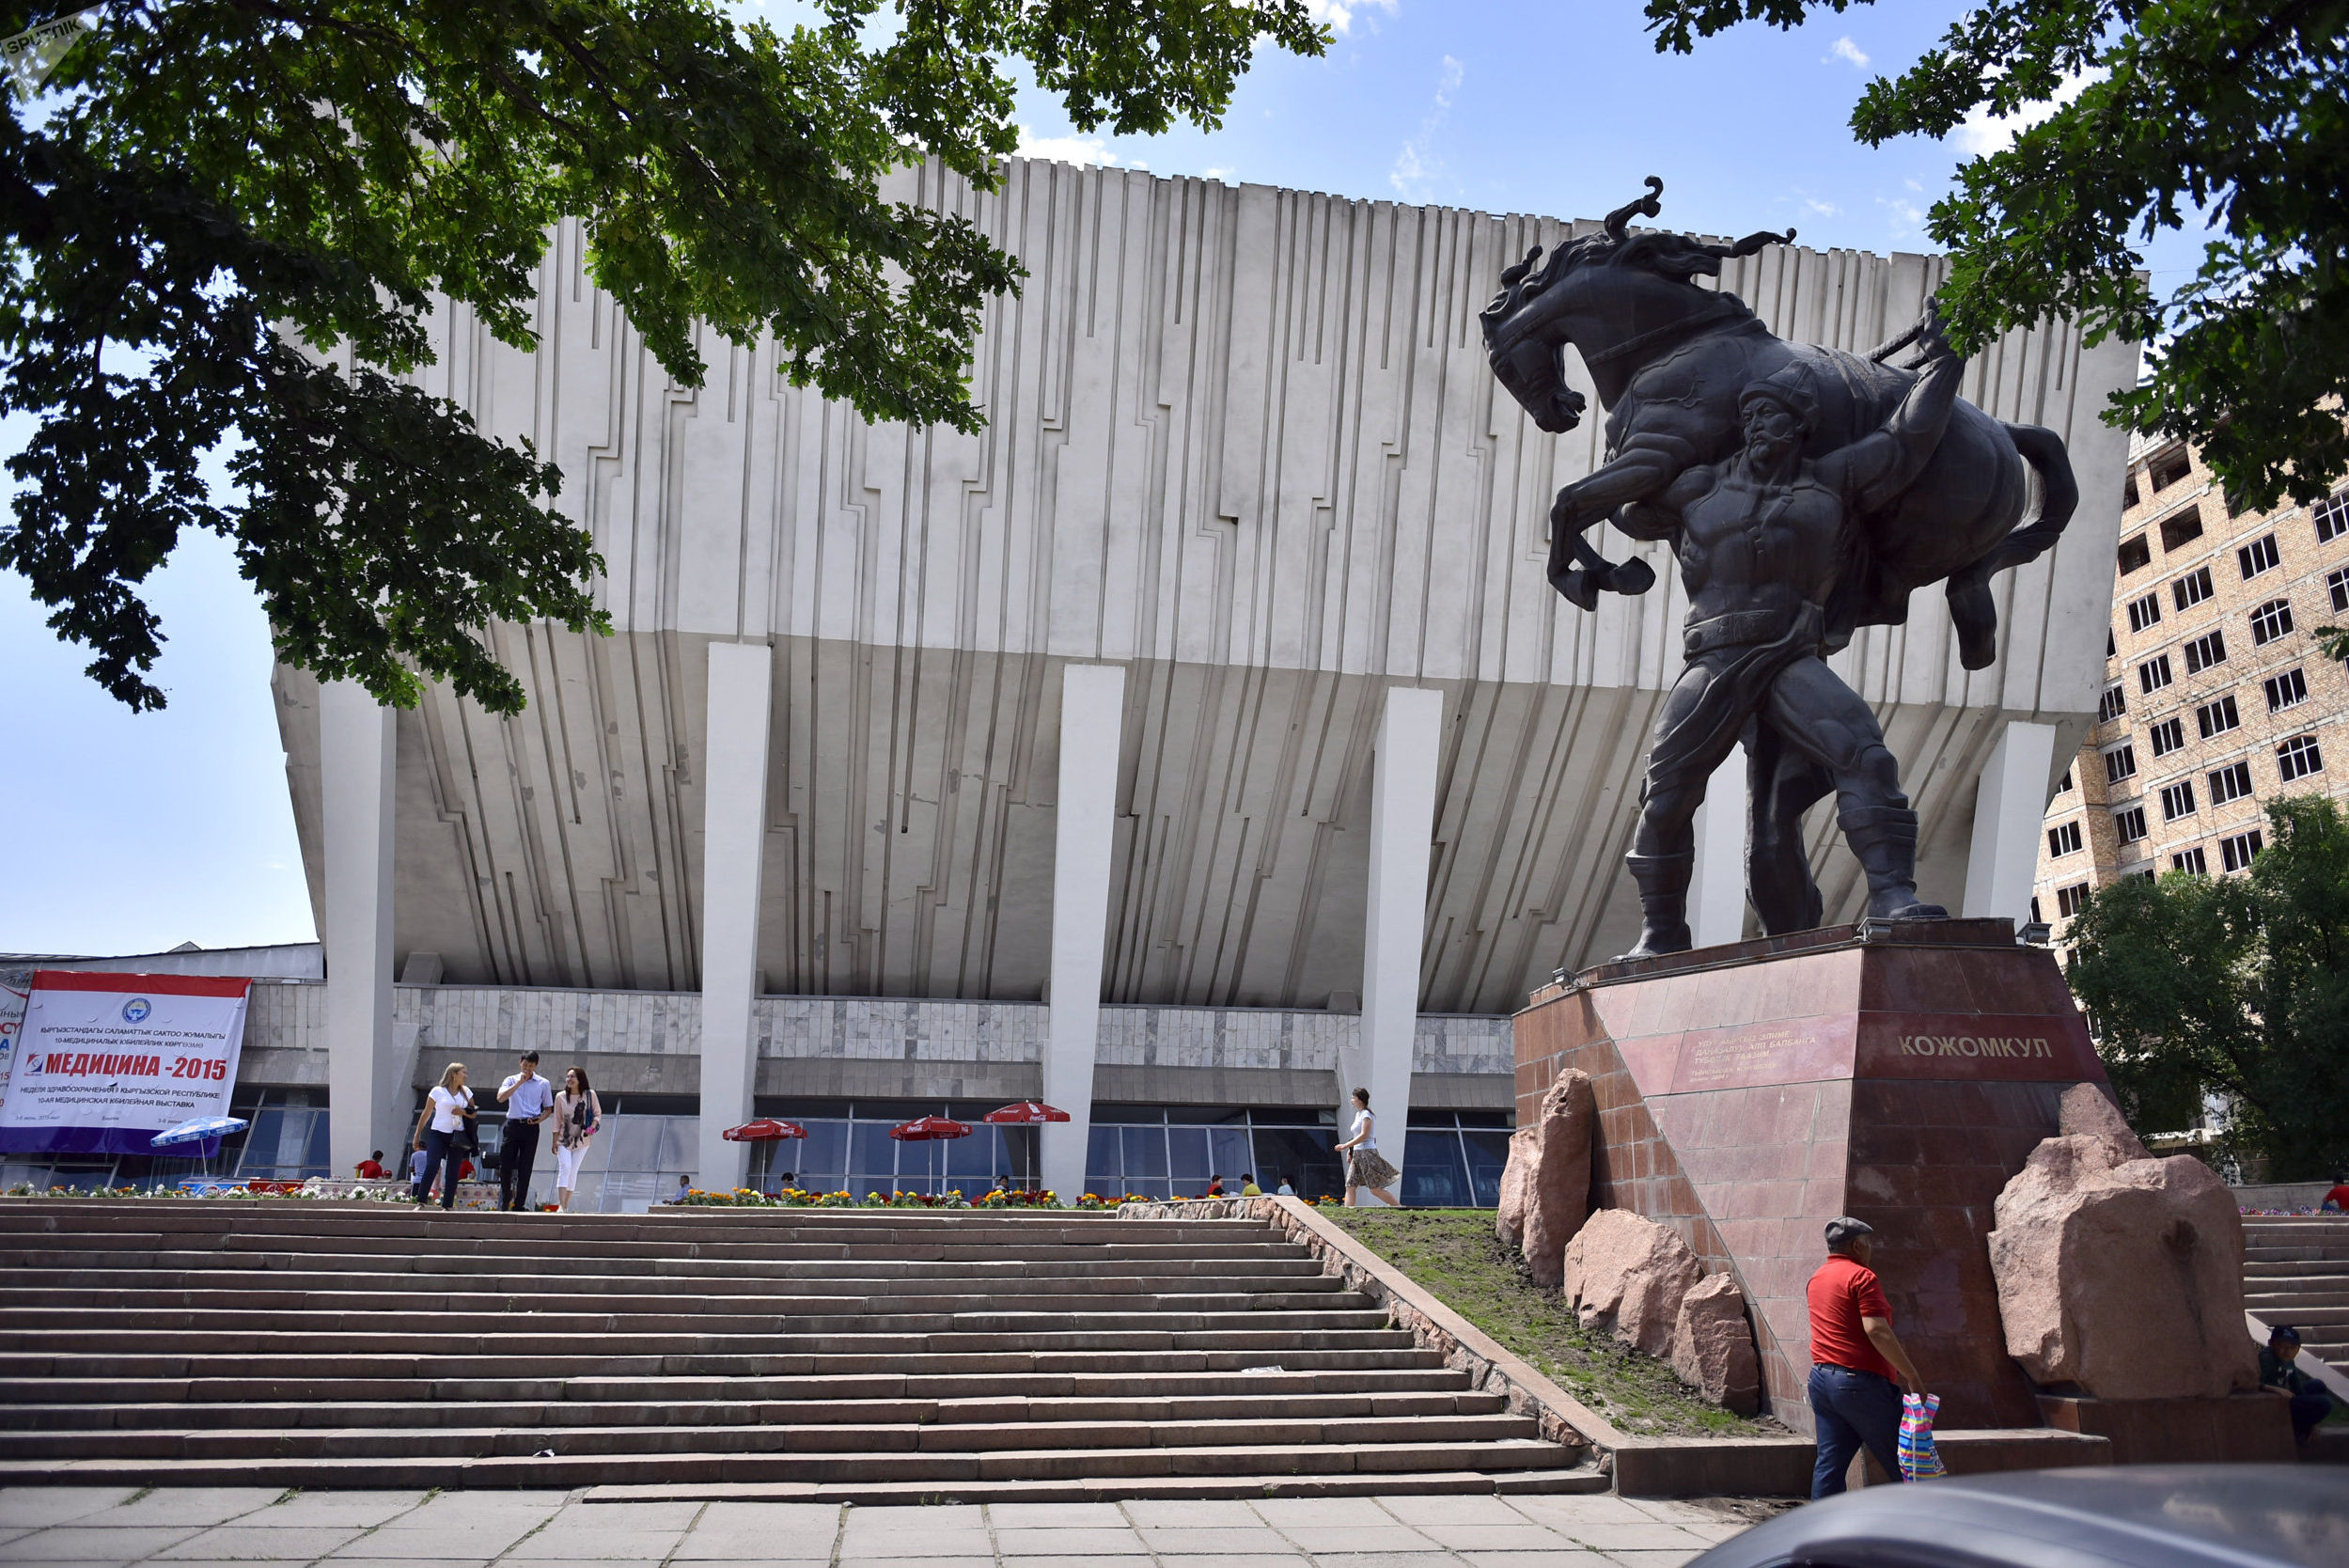 Дворец спорта имени Кожомкула